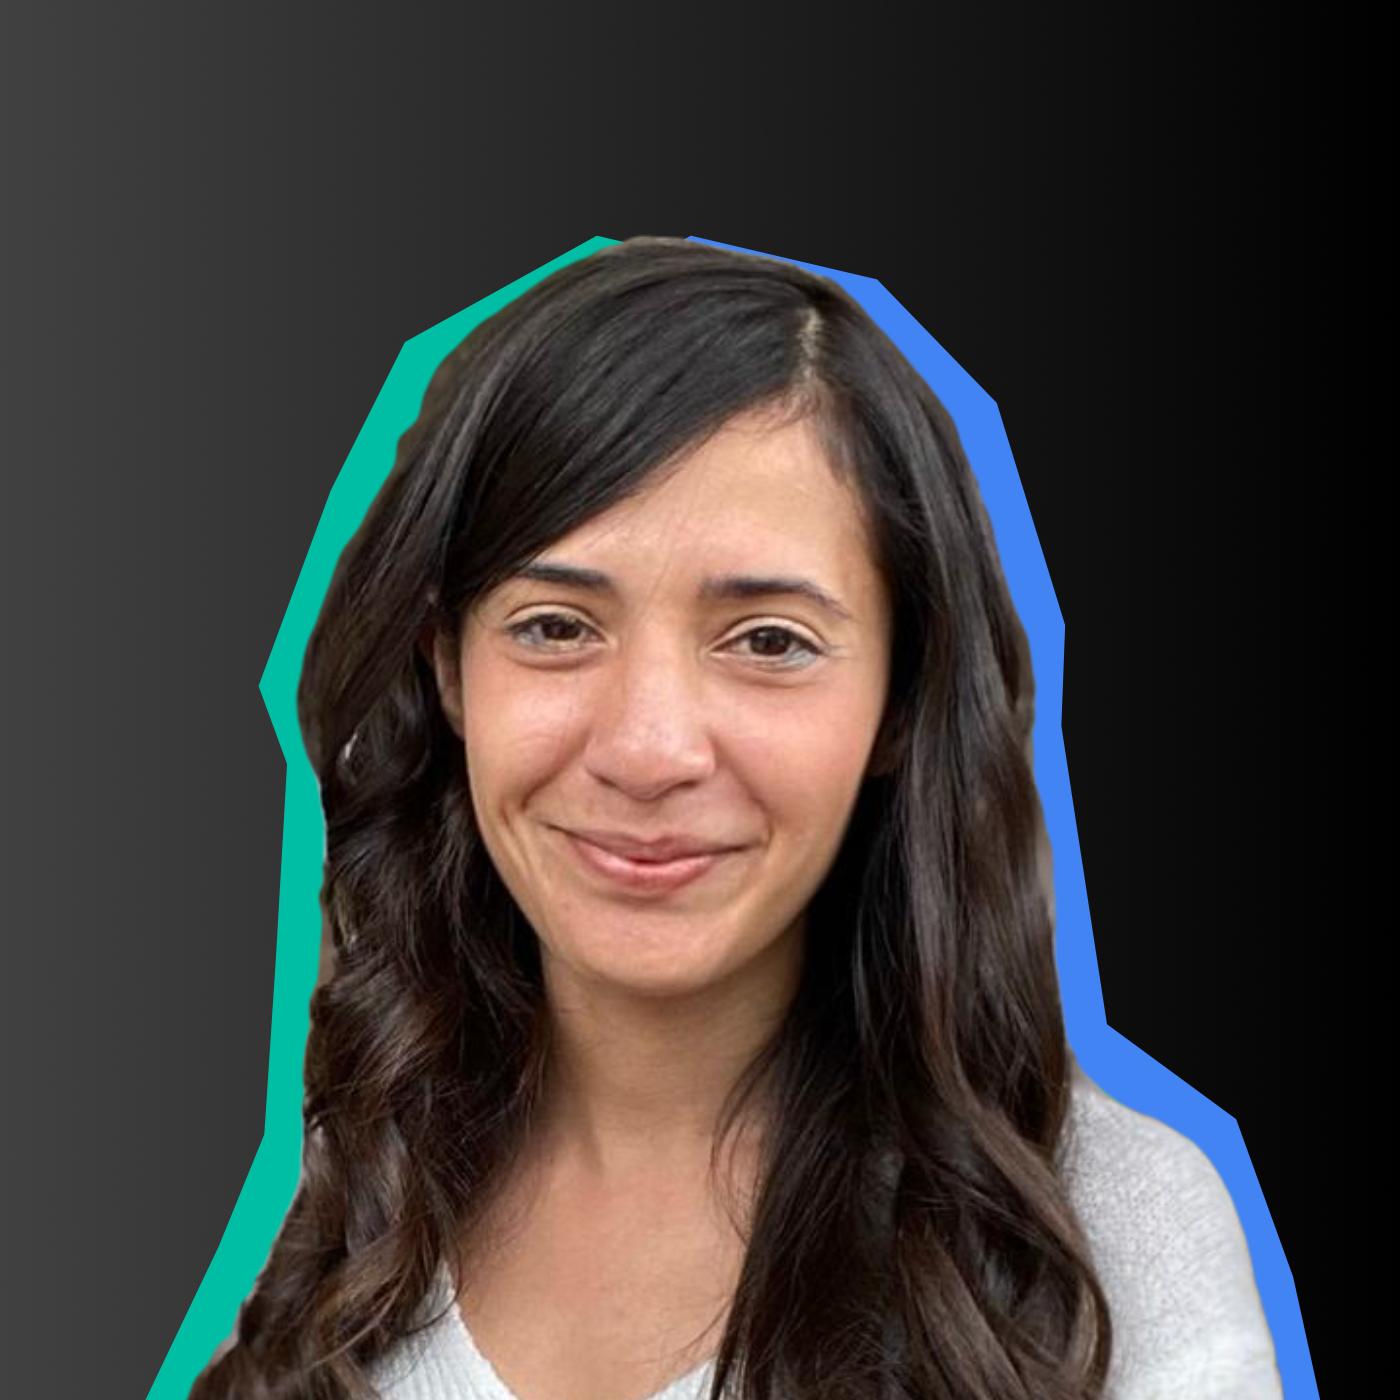 Yasmine El Baggari smiling